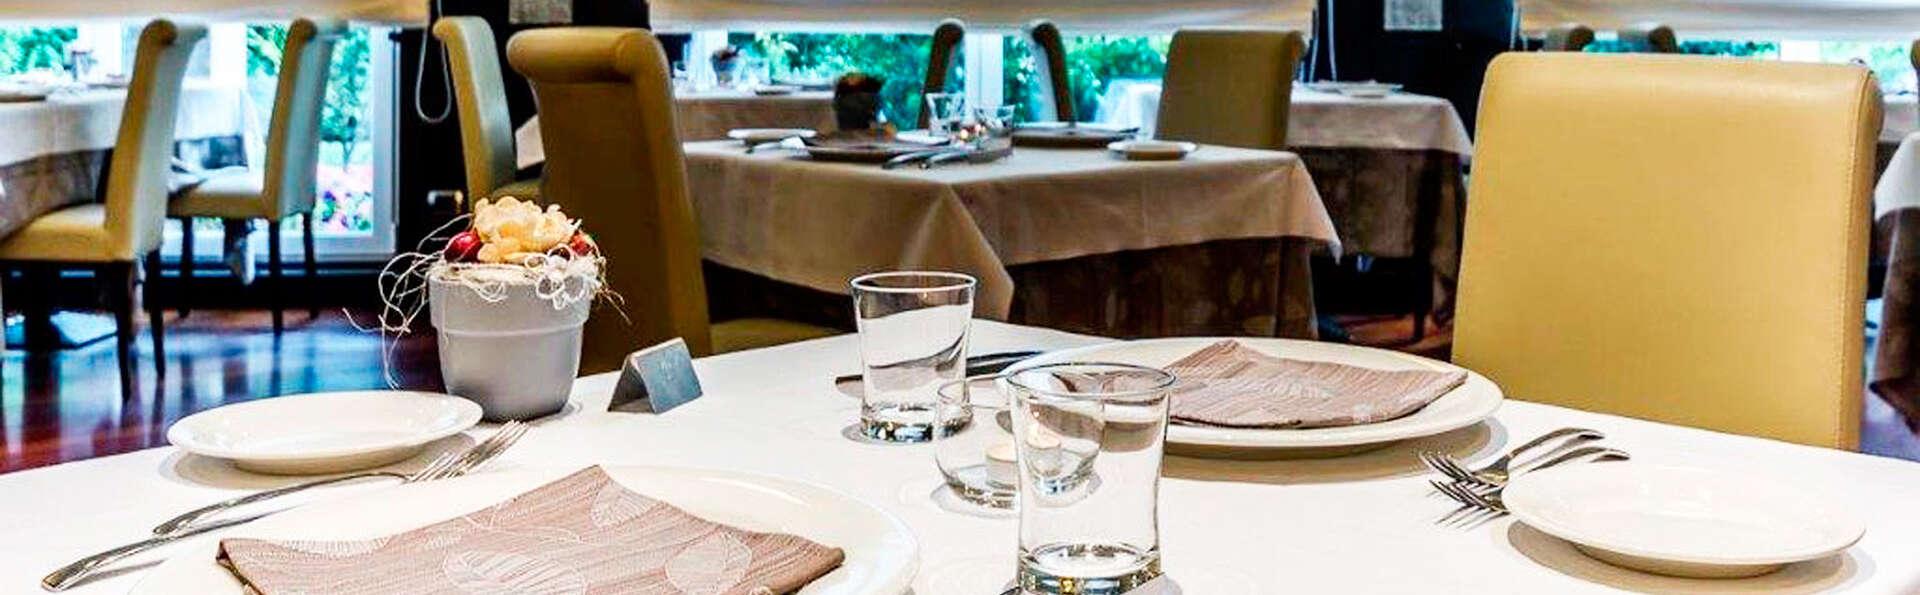 Week-end à Milan avec un succulent dîner inclus !